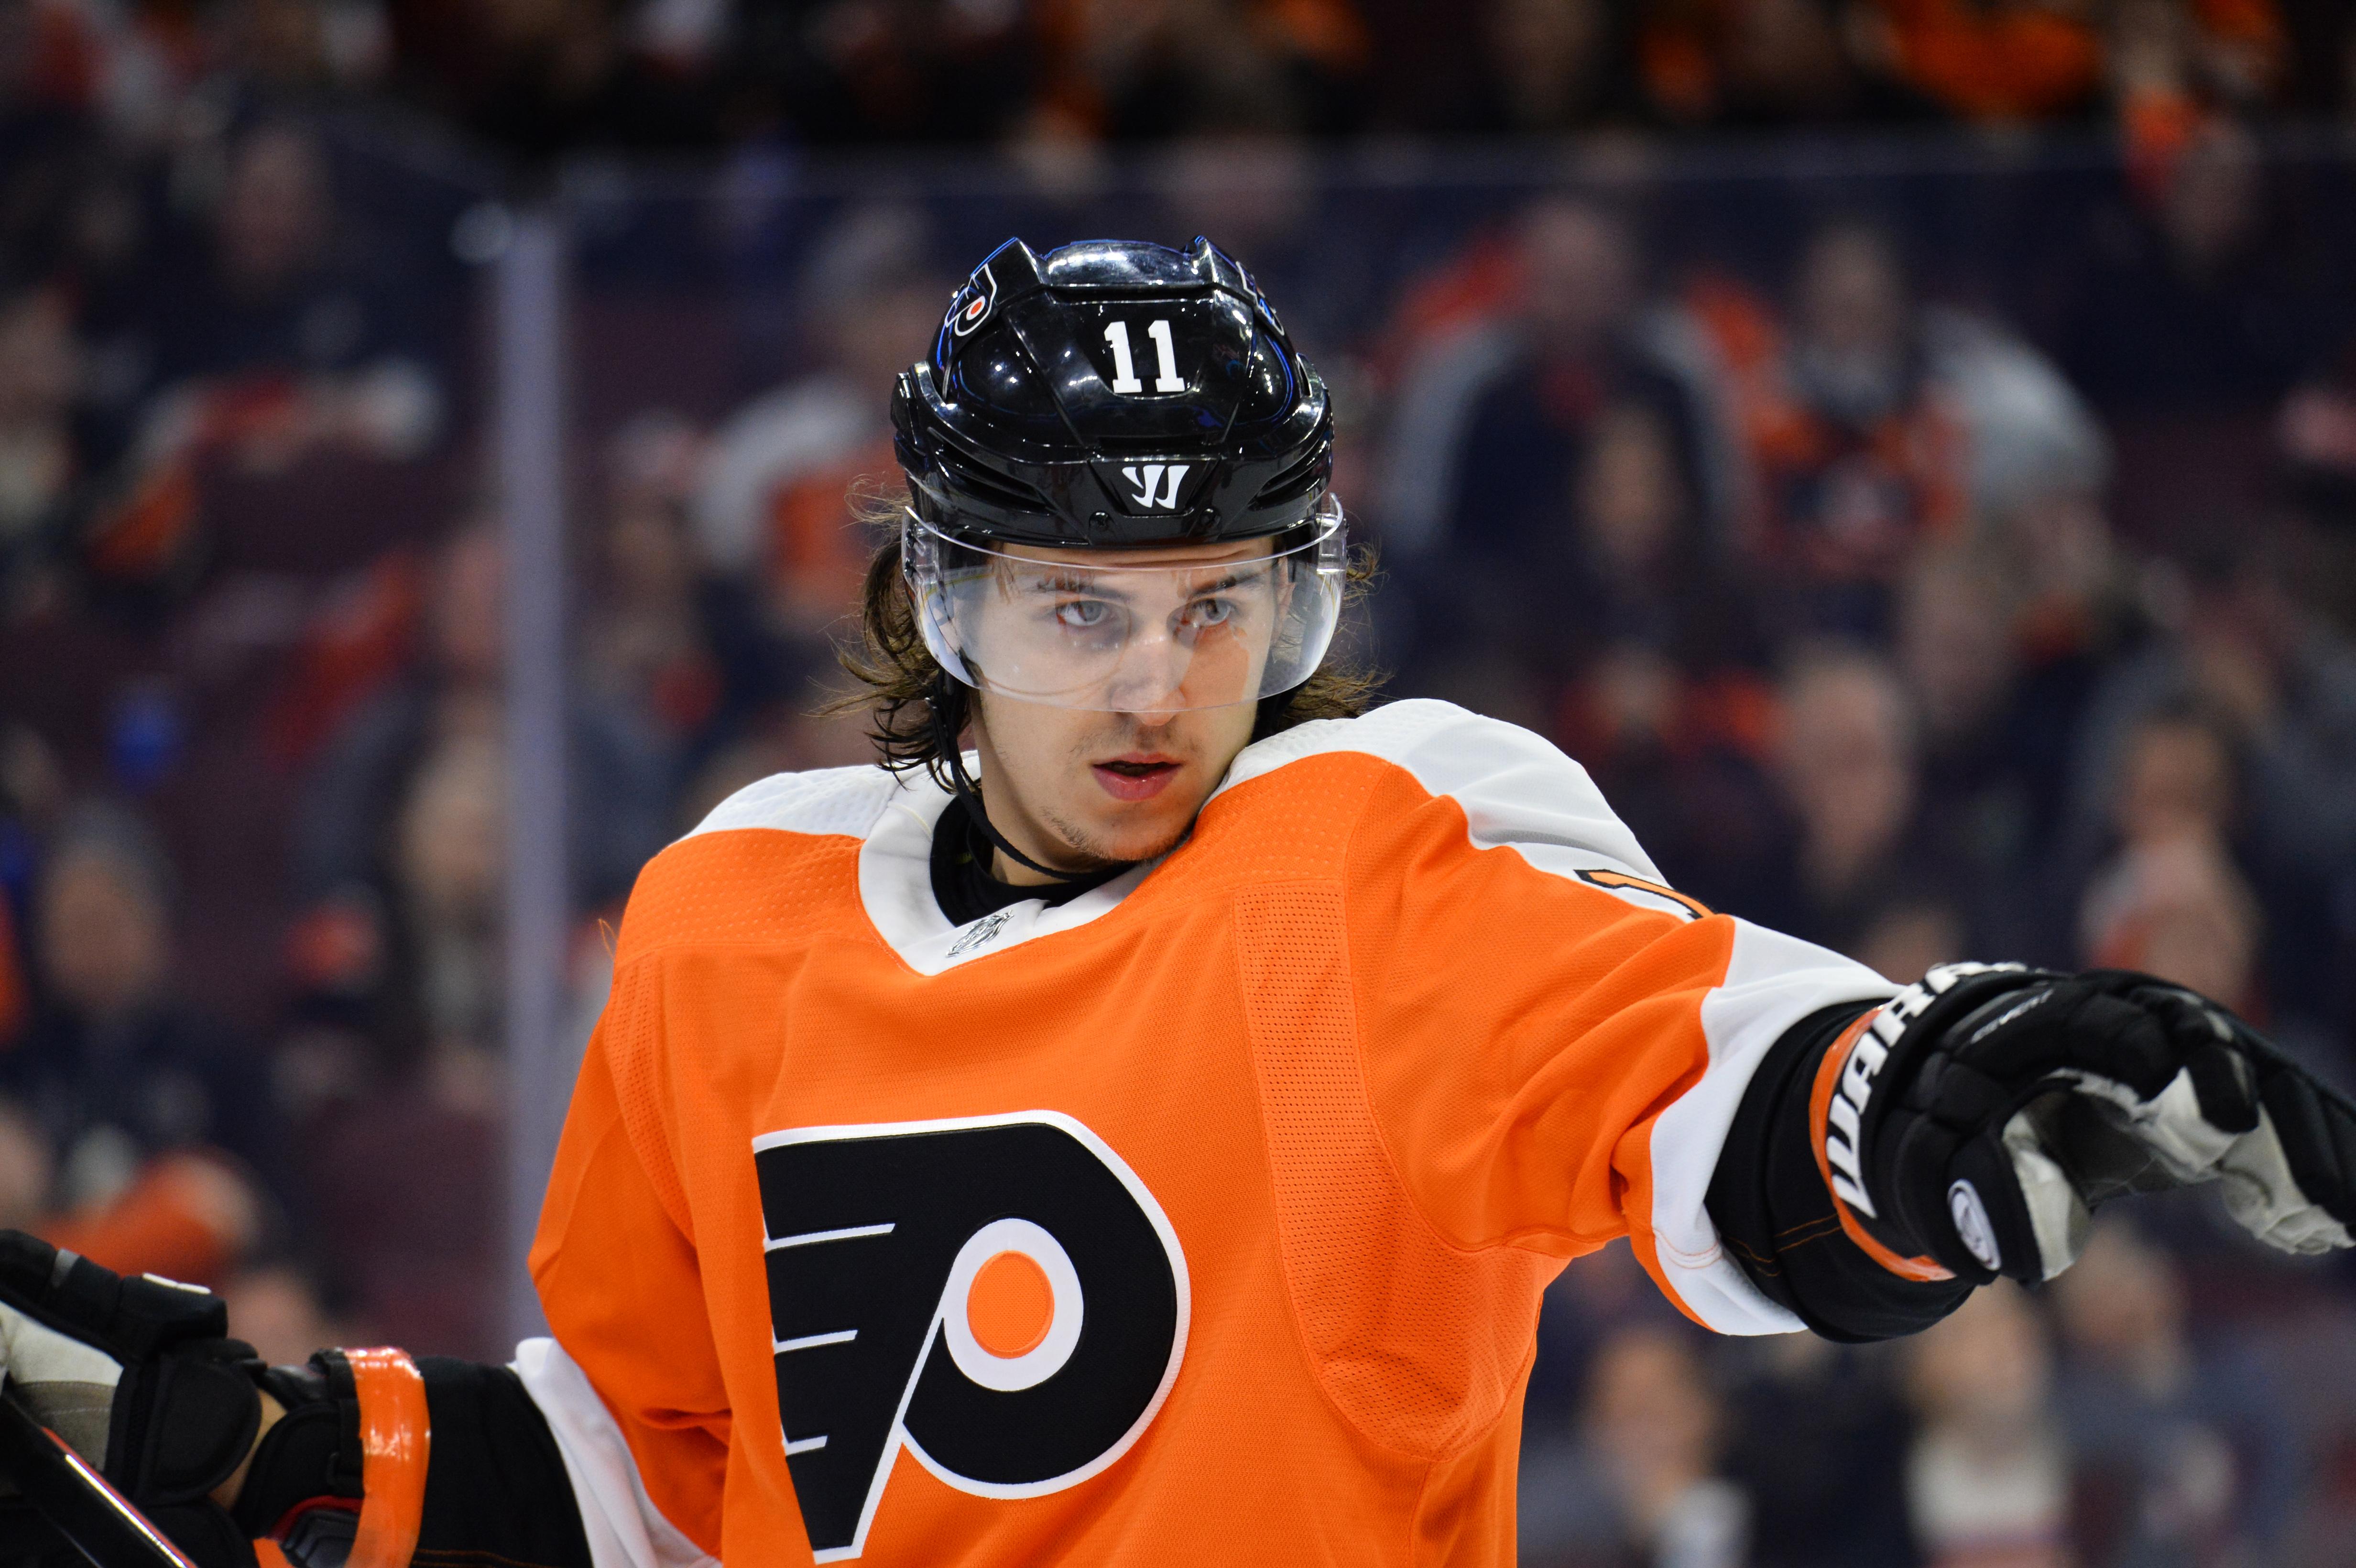 NHL: MAR 11 Senators at Flyers